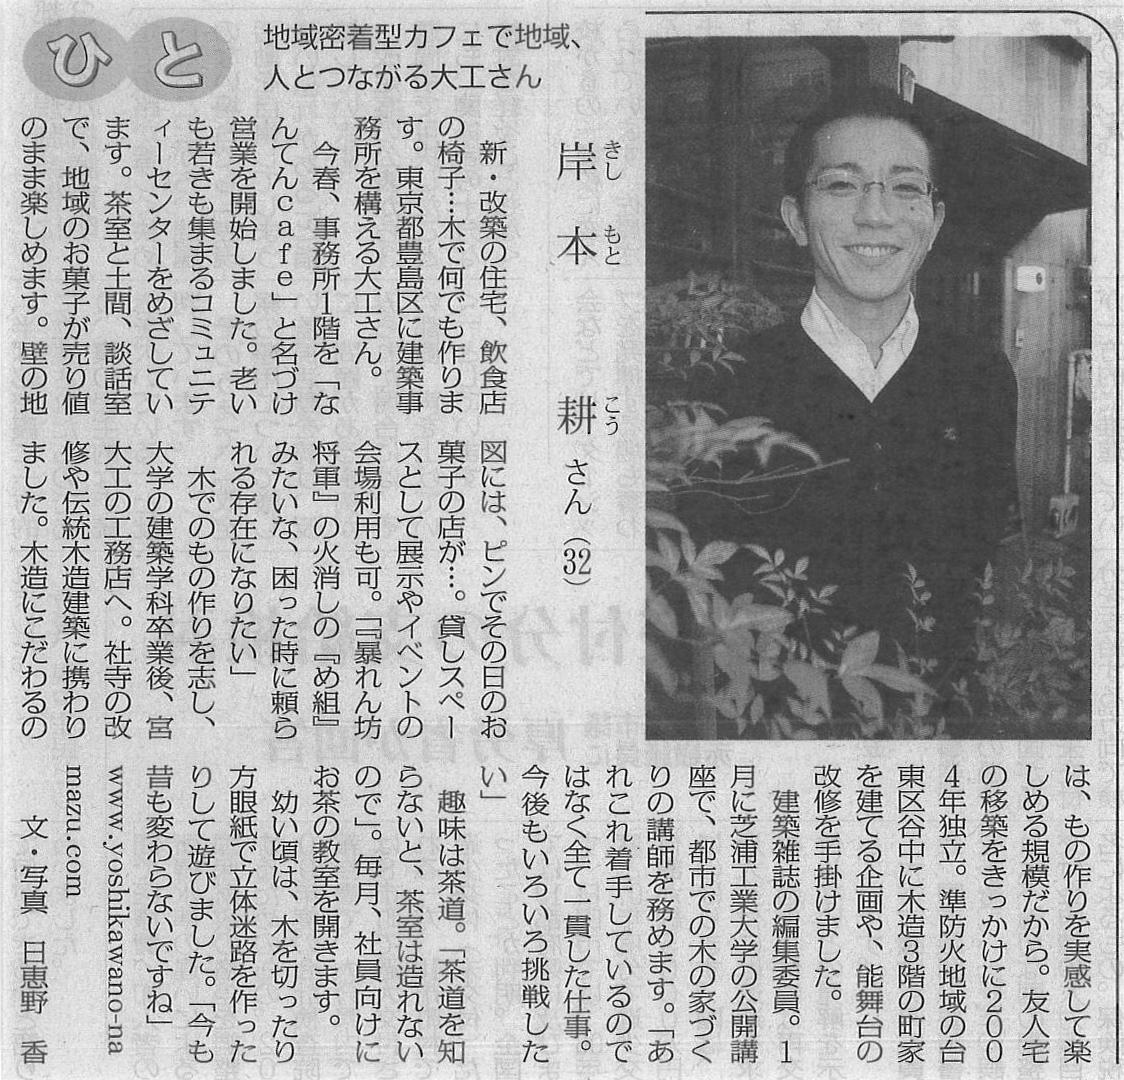 2010?新聞赤旗